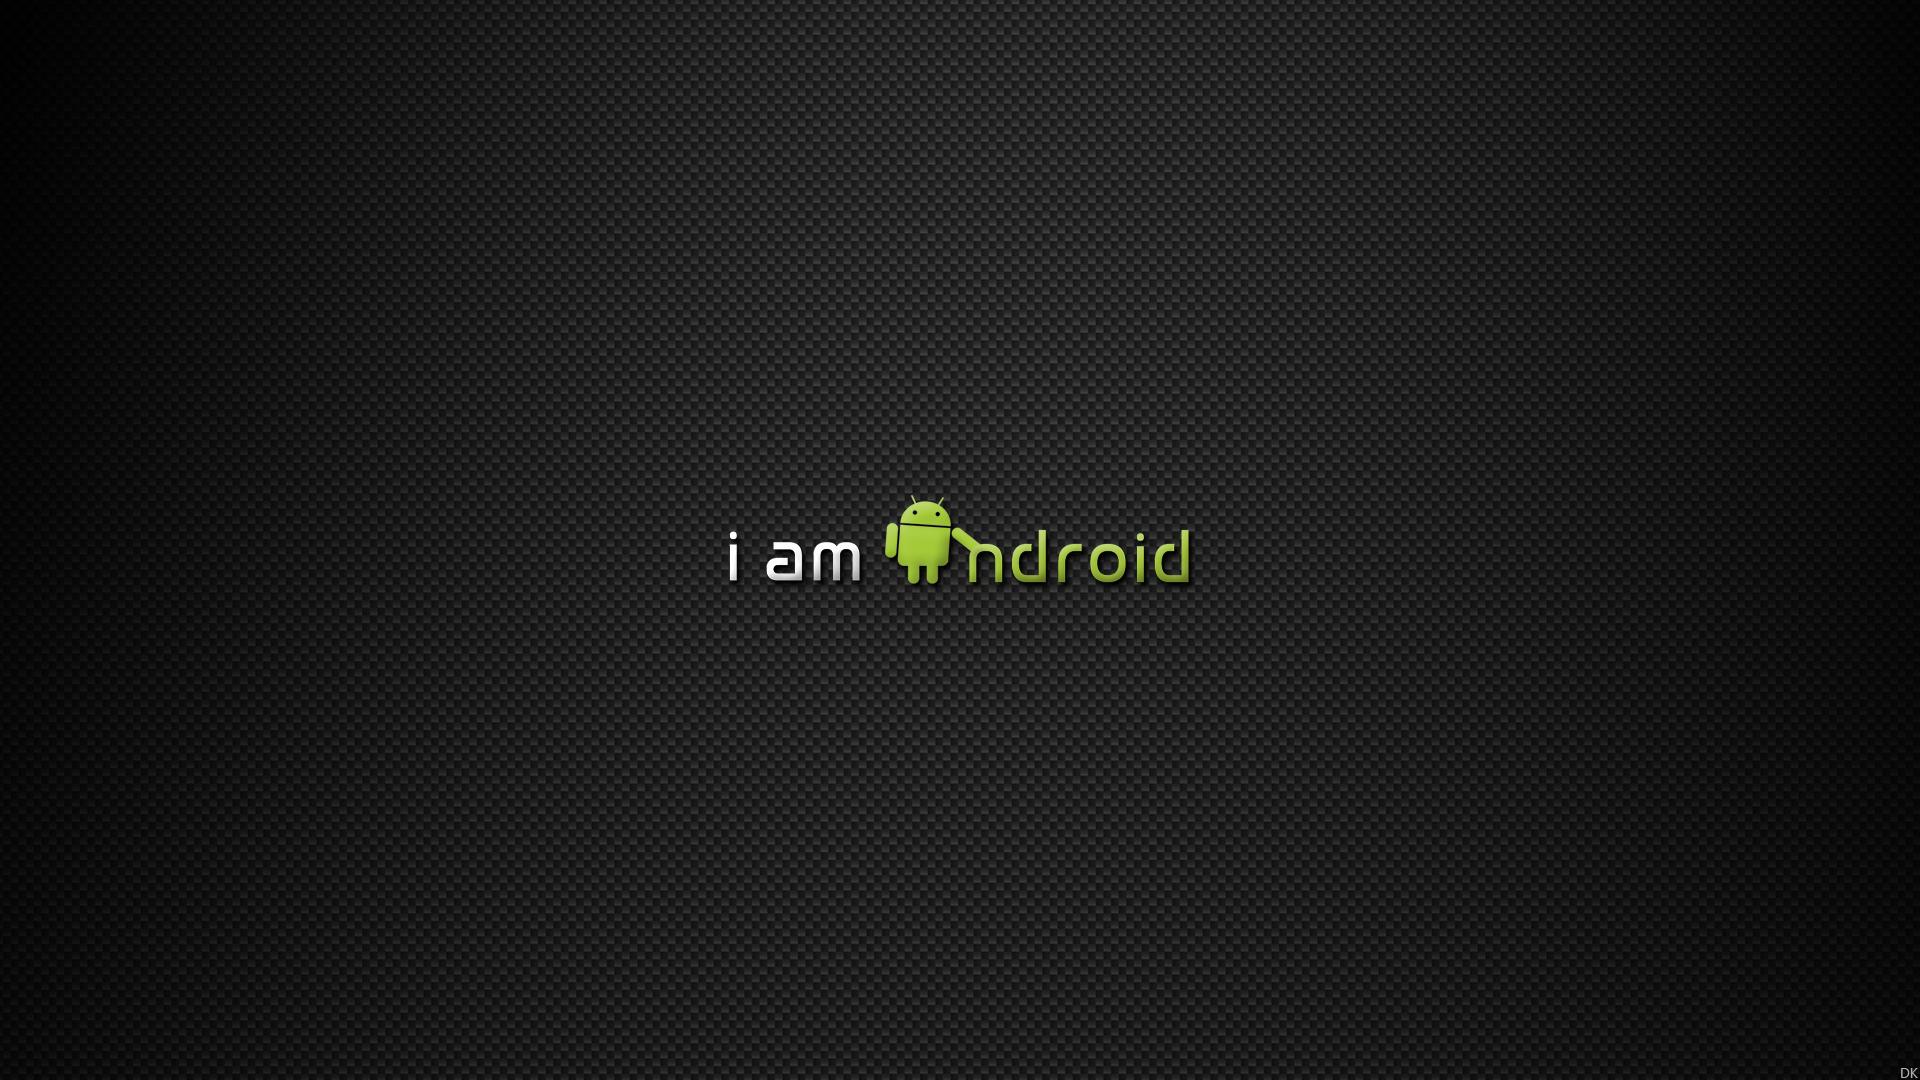 Скрытая настройка во всех Android -смартфонах позволяет включить темную 64